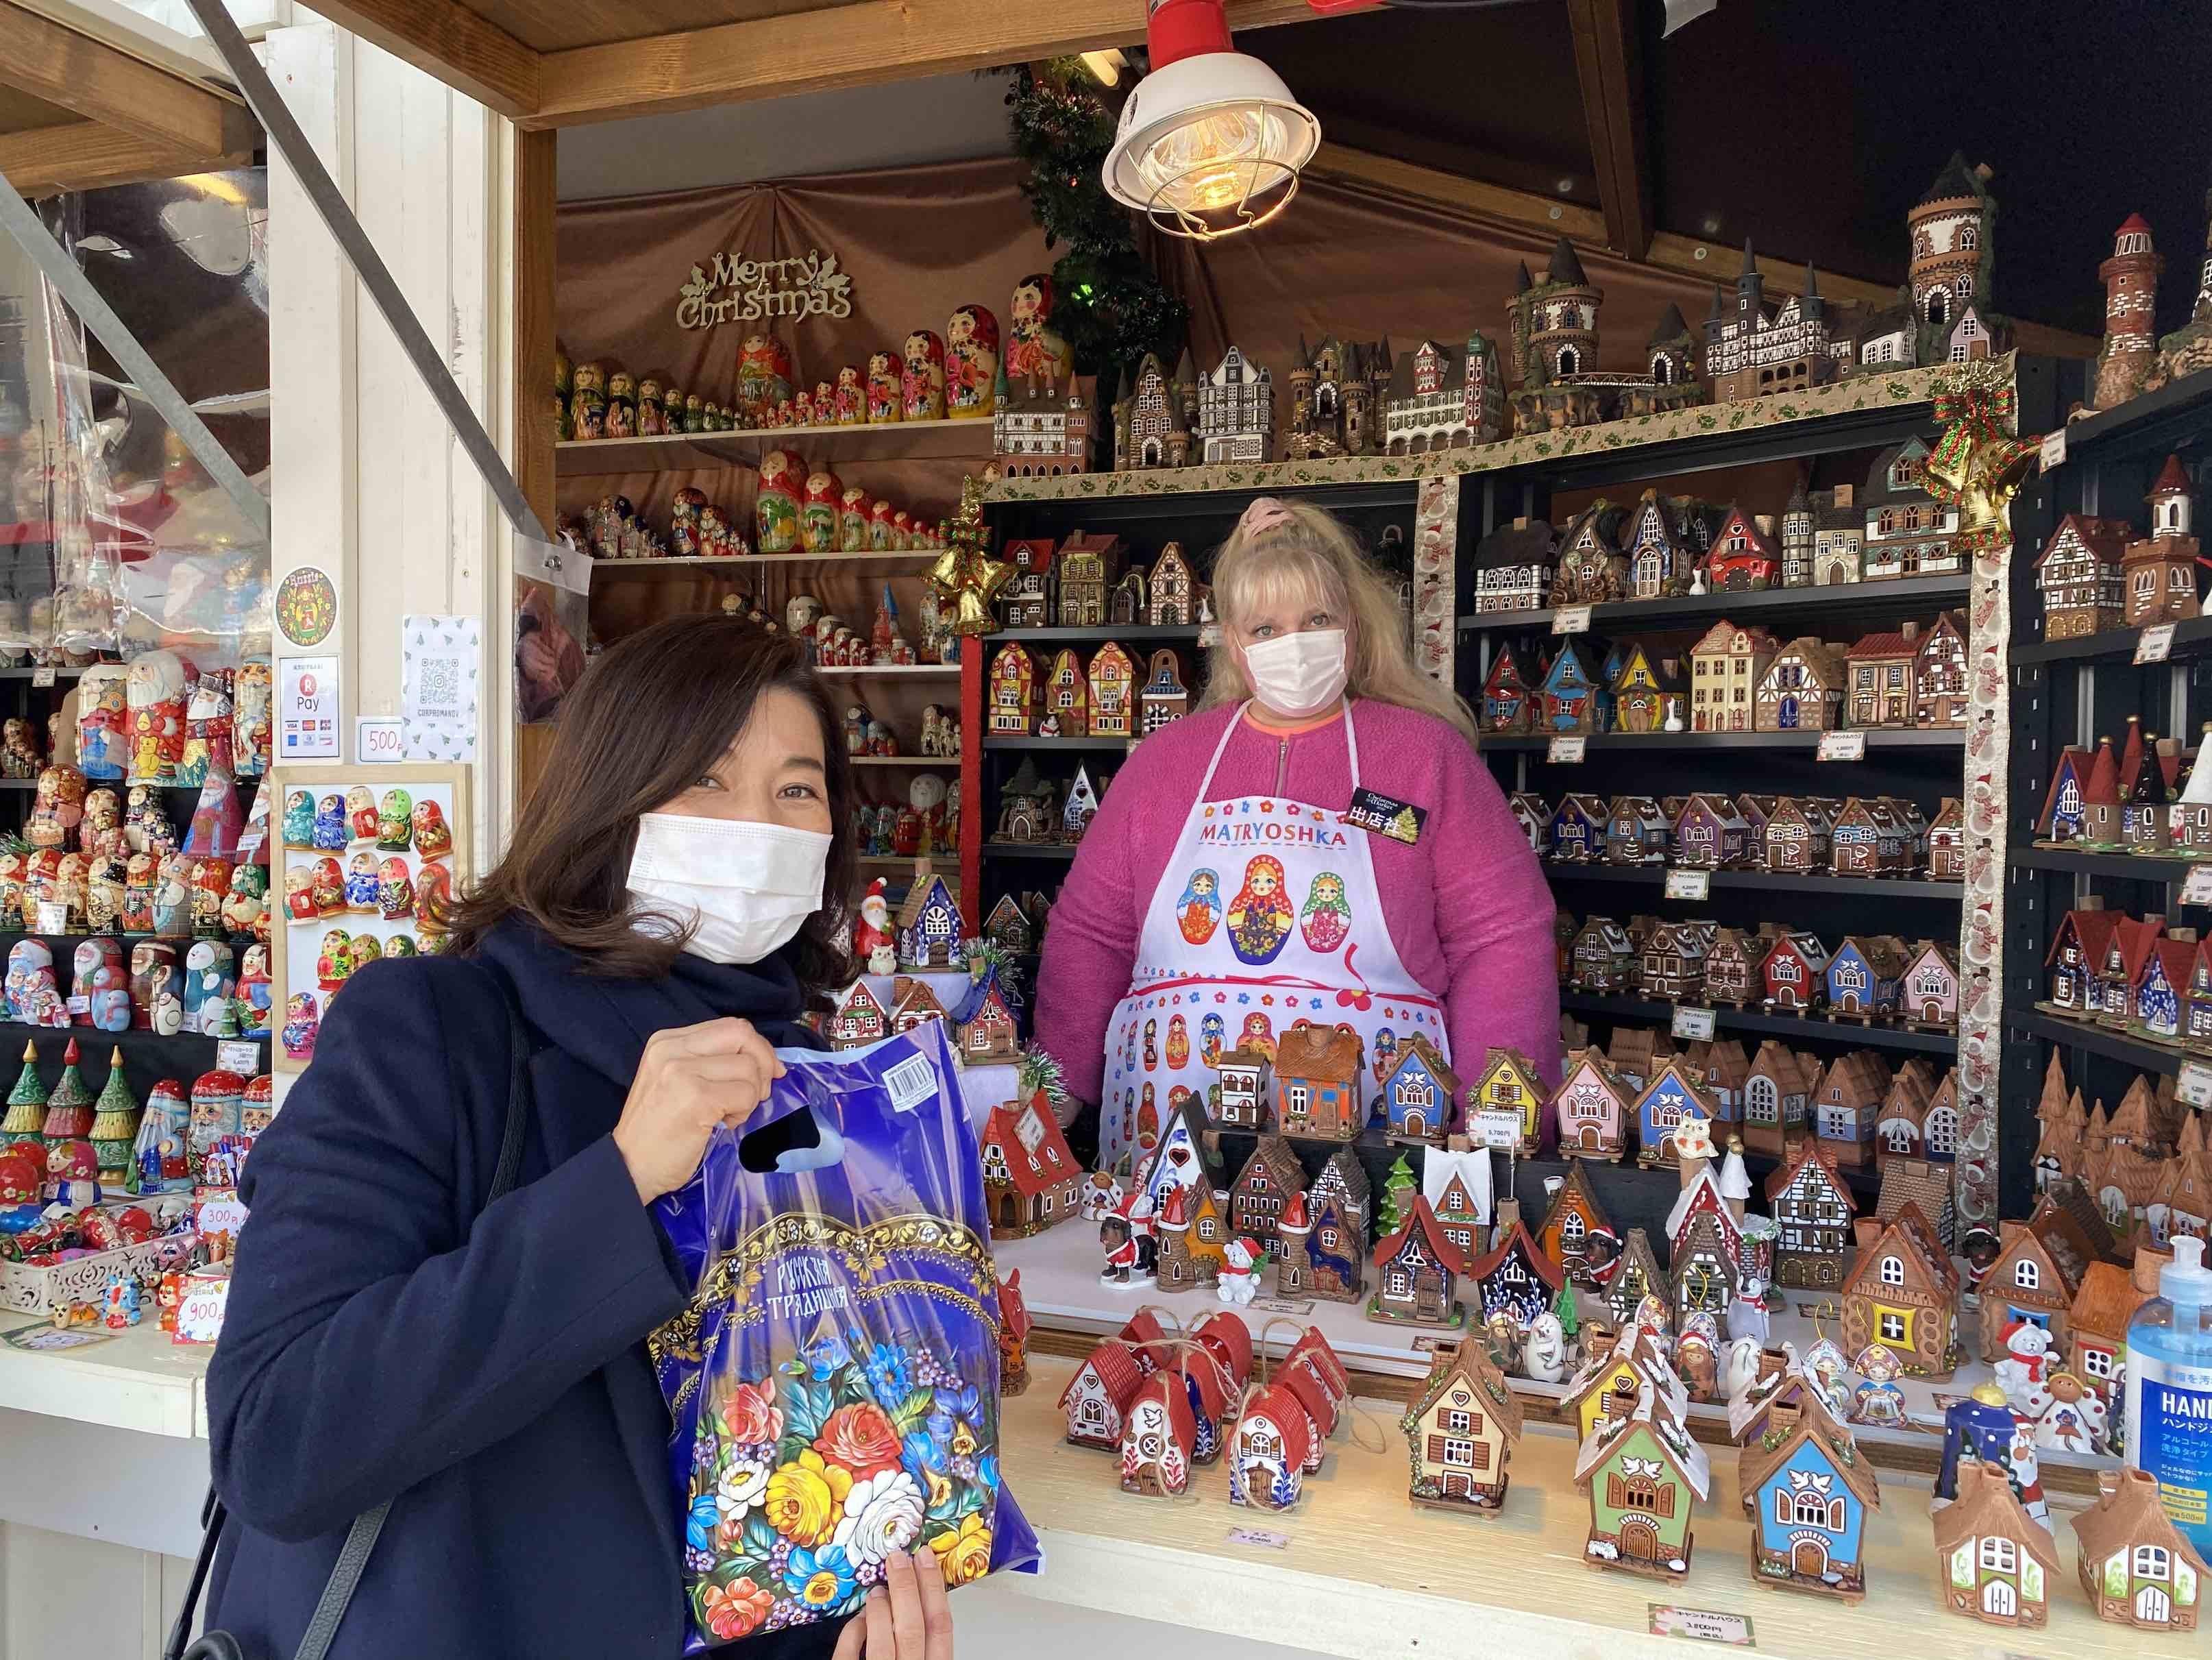 赤煉瓦クリスマスマーケット_1_2